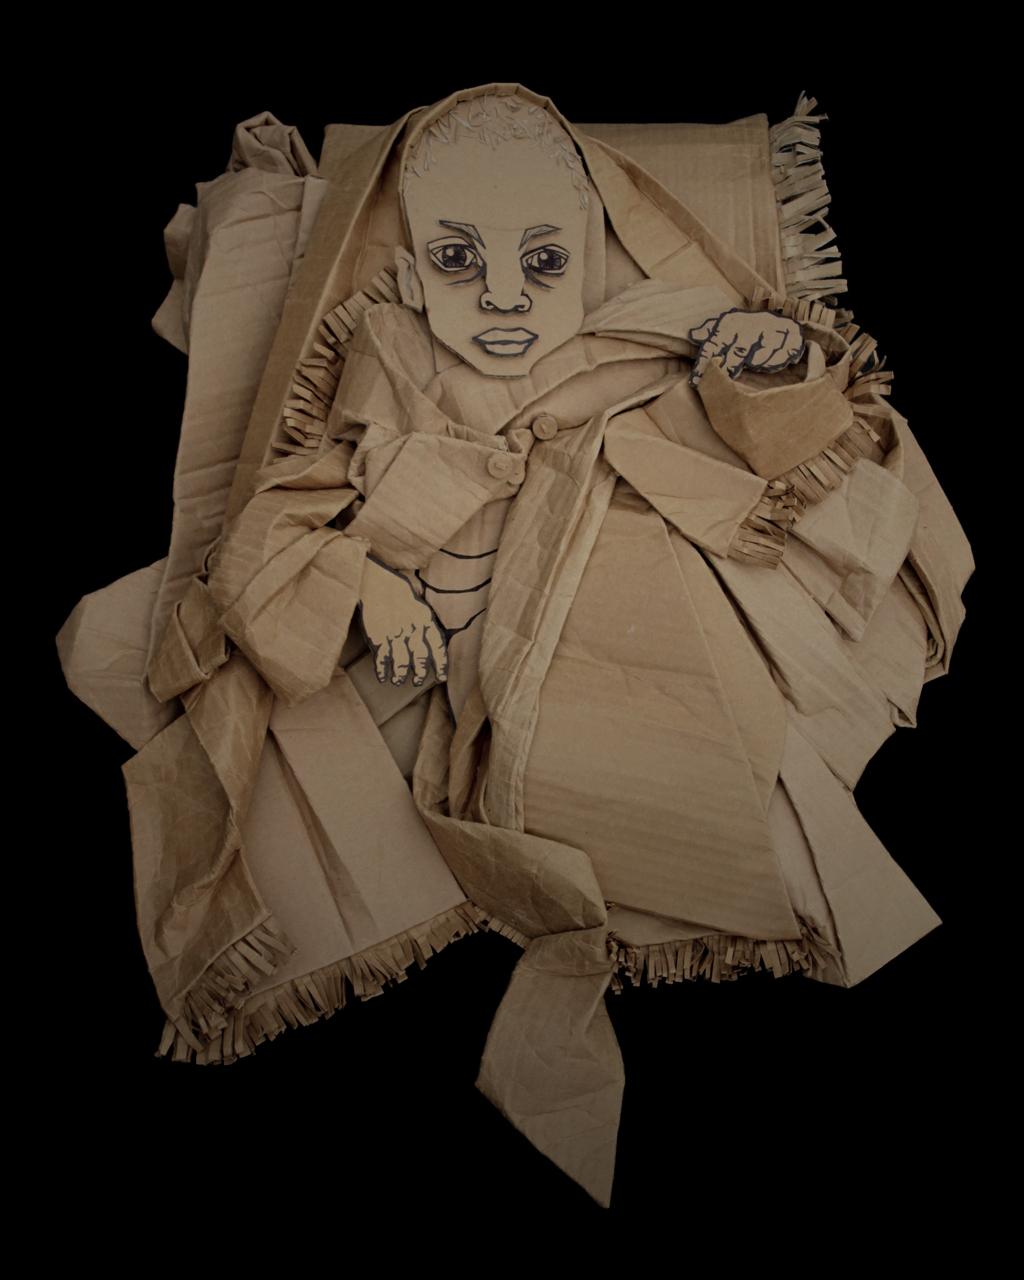 趣味纸板肖像艺术创意设计